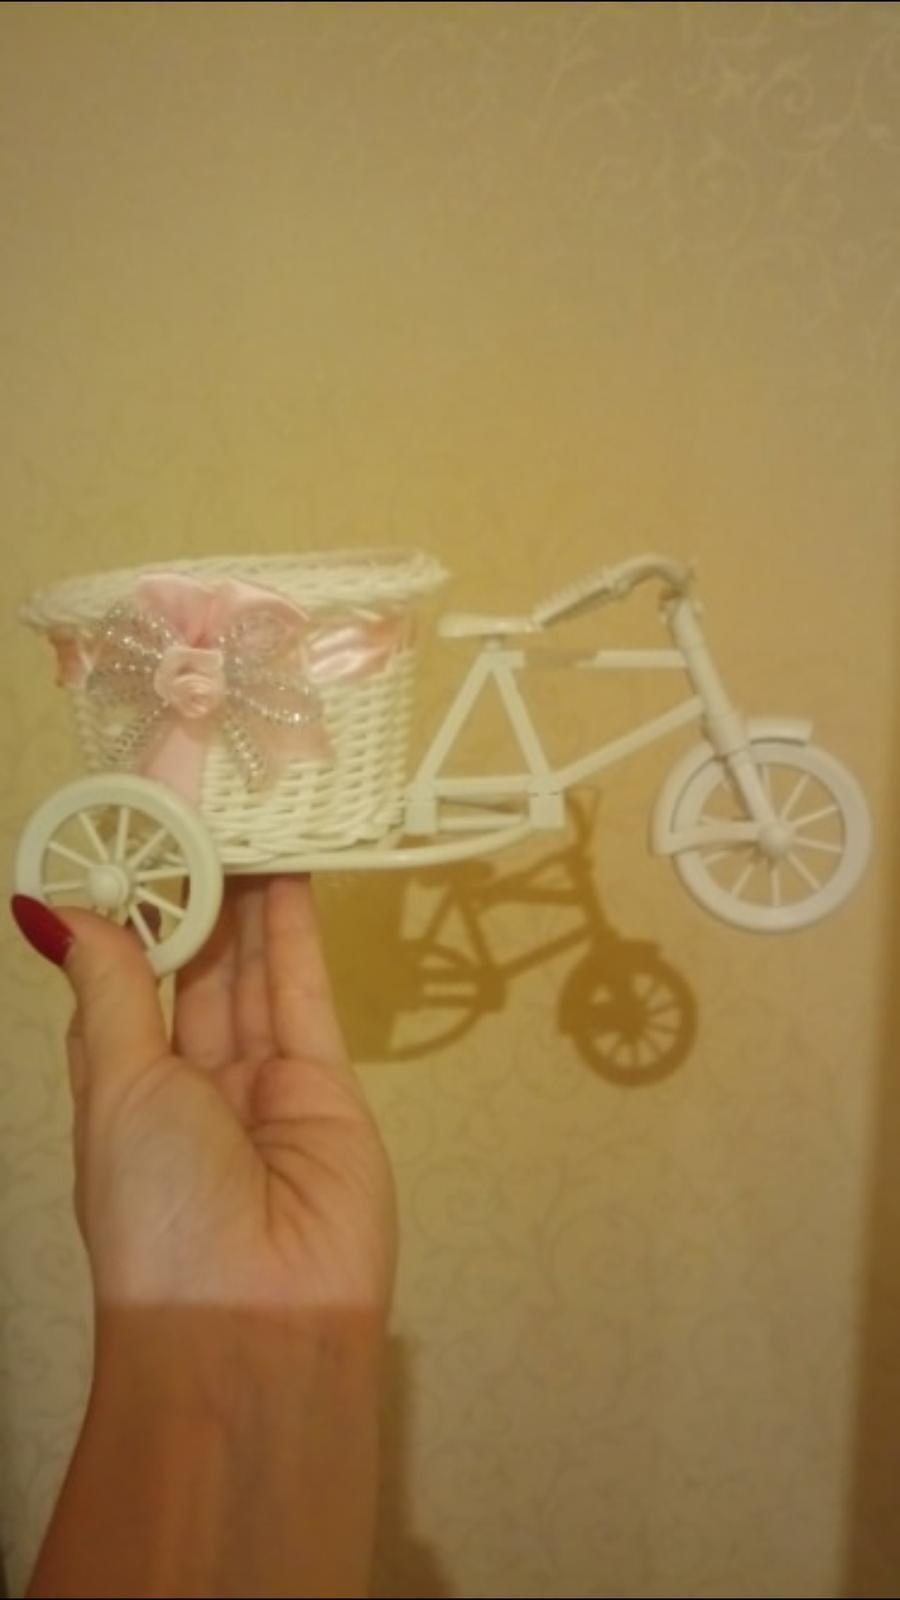 Bicykel dekoracia (napr na kvietky) - Obrázok č. 2